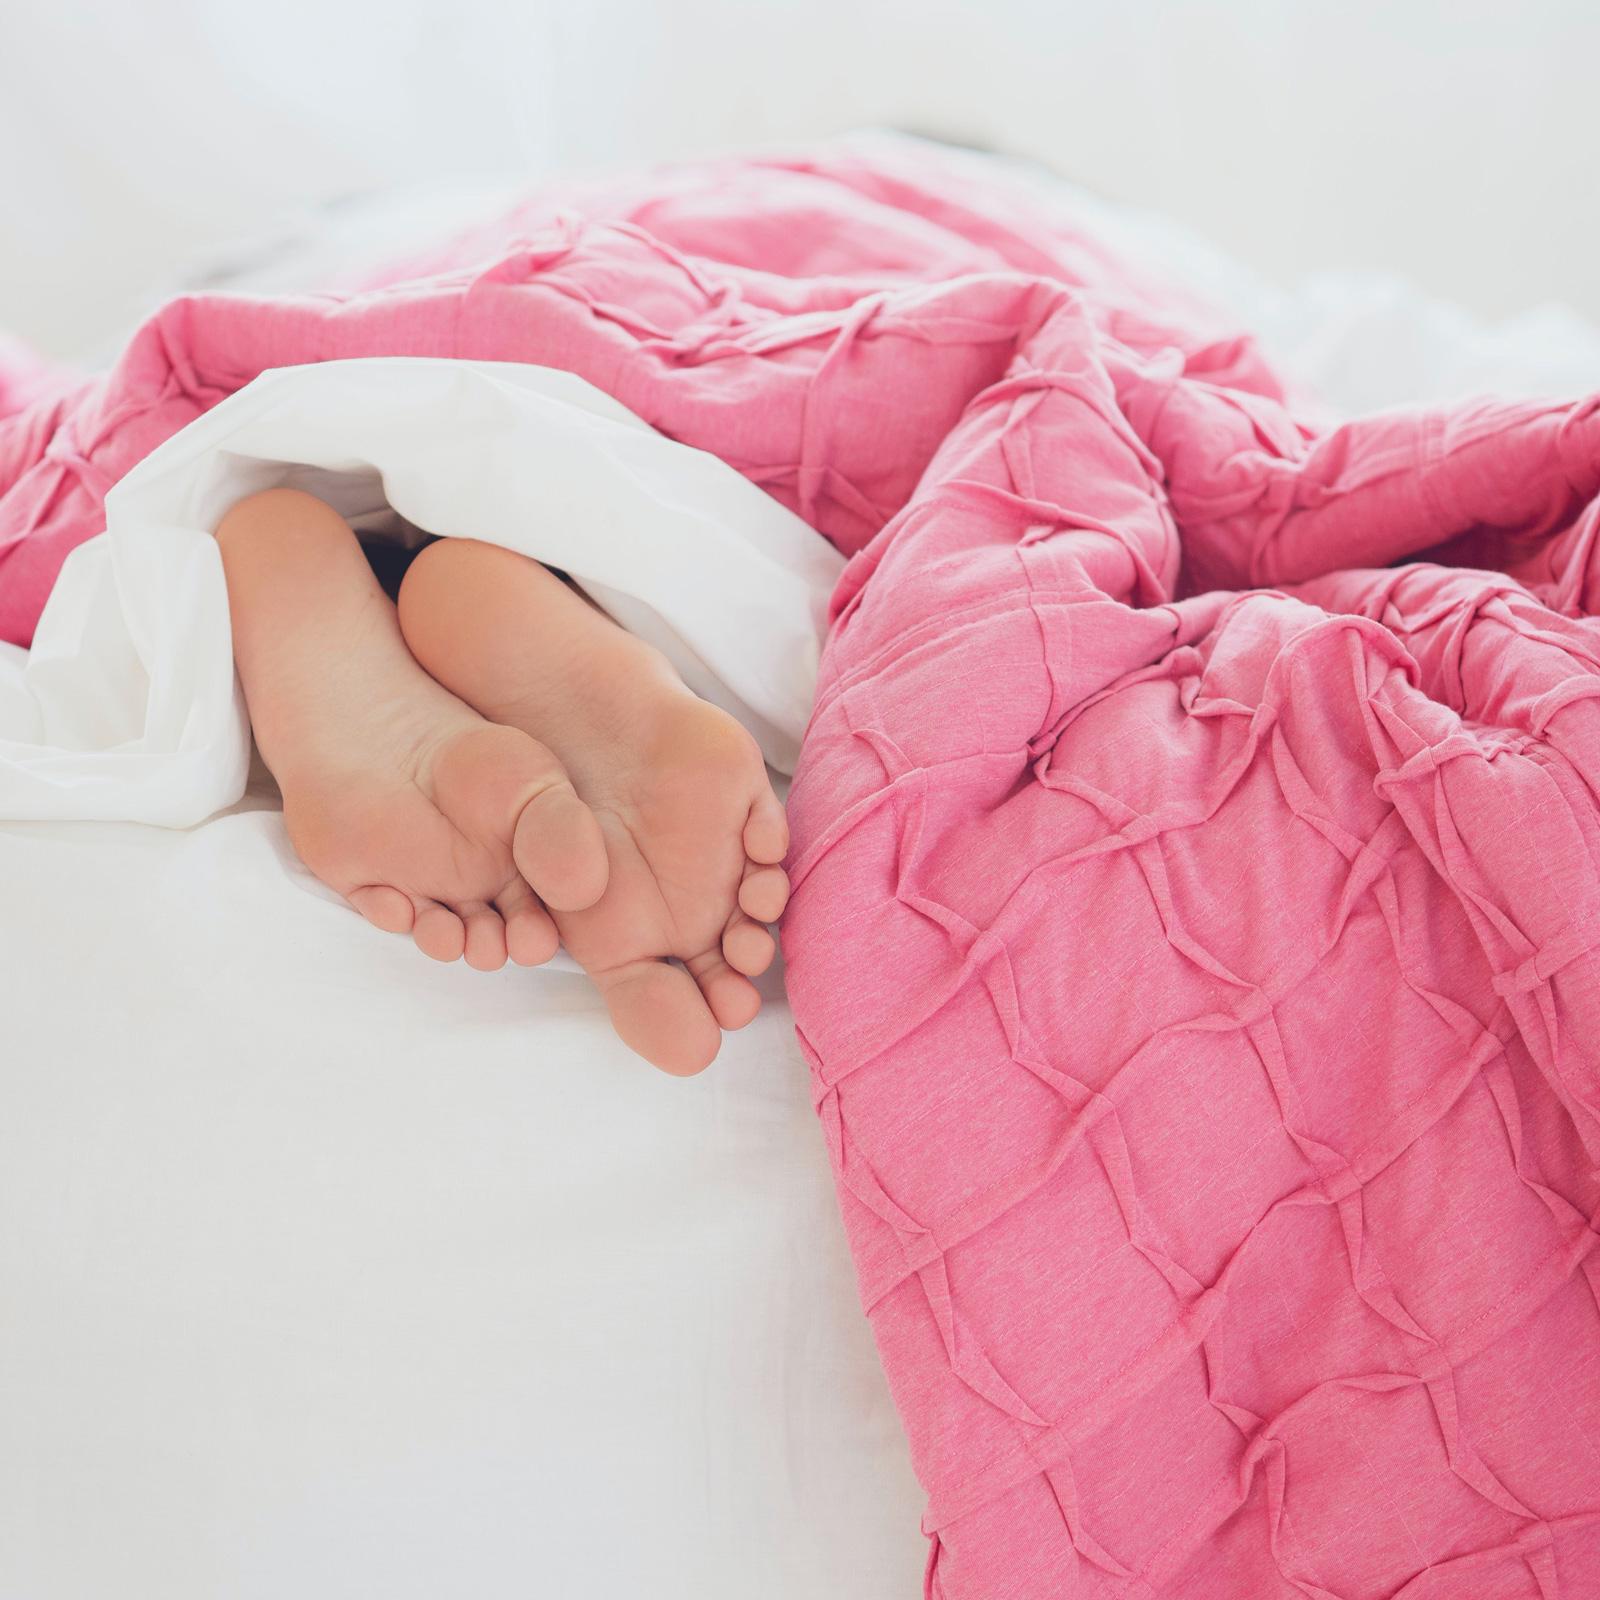 Schlaf mach schön. Zellen werden repariert und durch frische neue ersetzt.